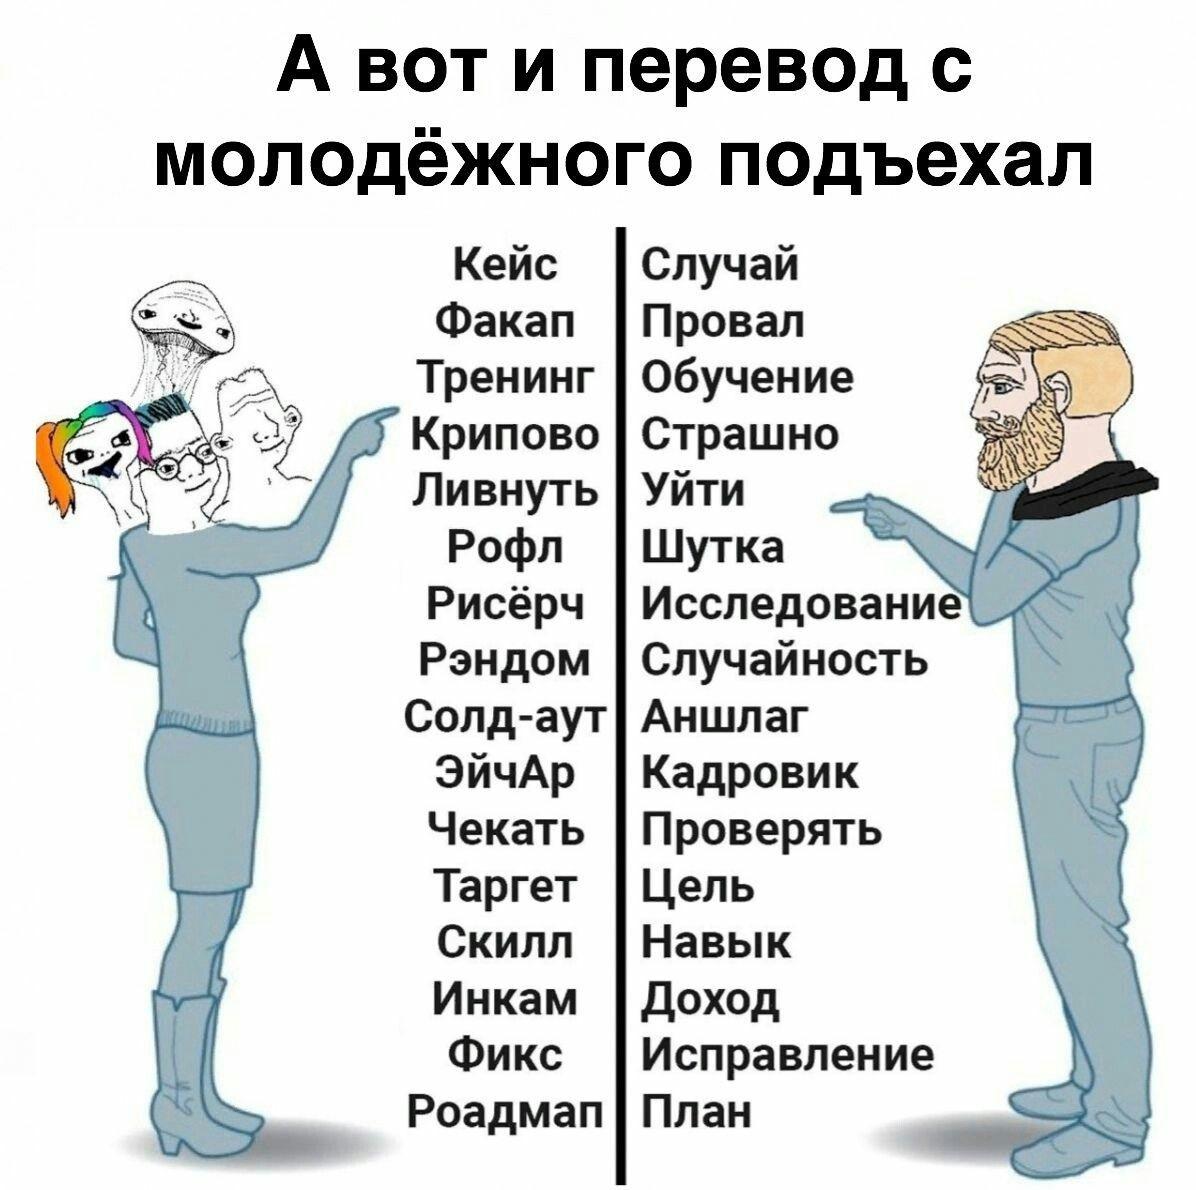 Ржачные аниме мемы на русском про школу и уроки 10